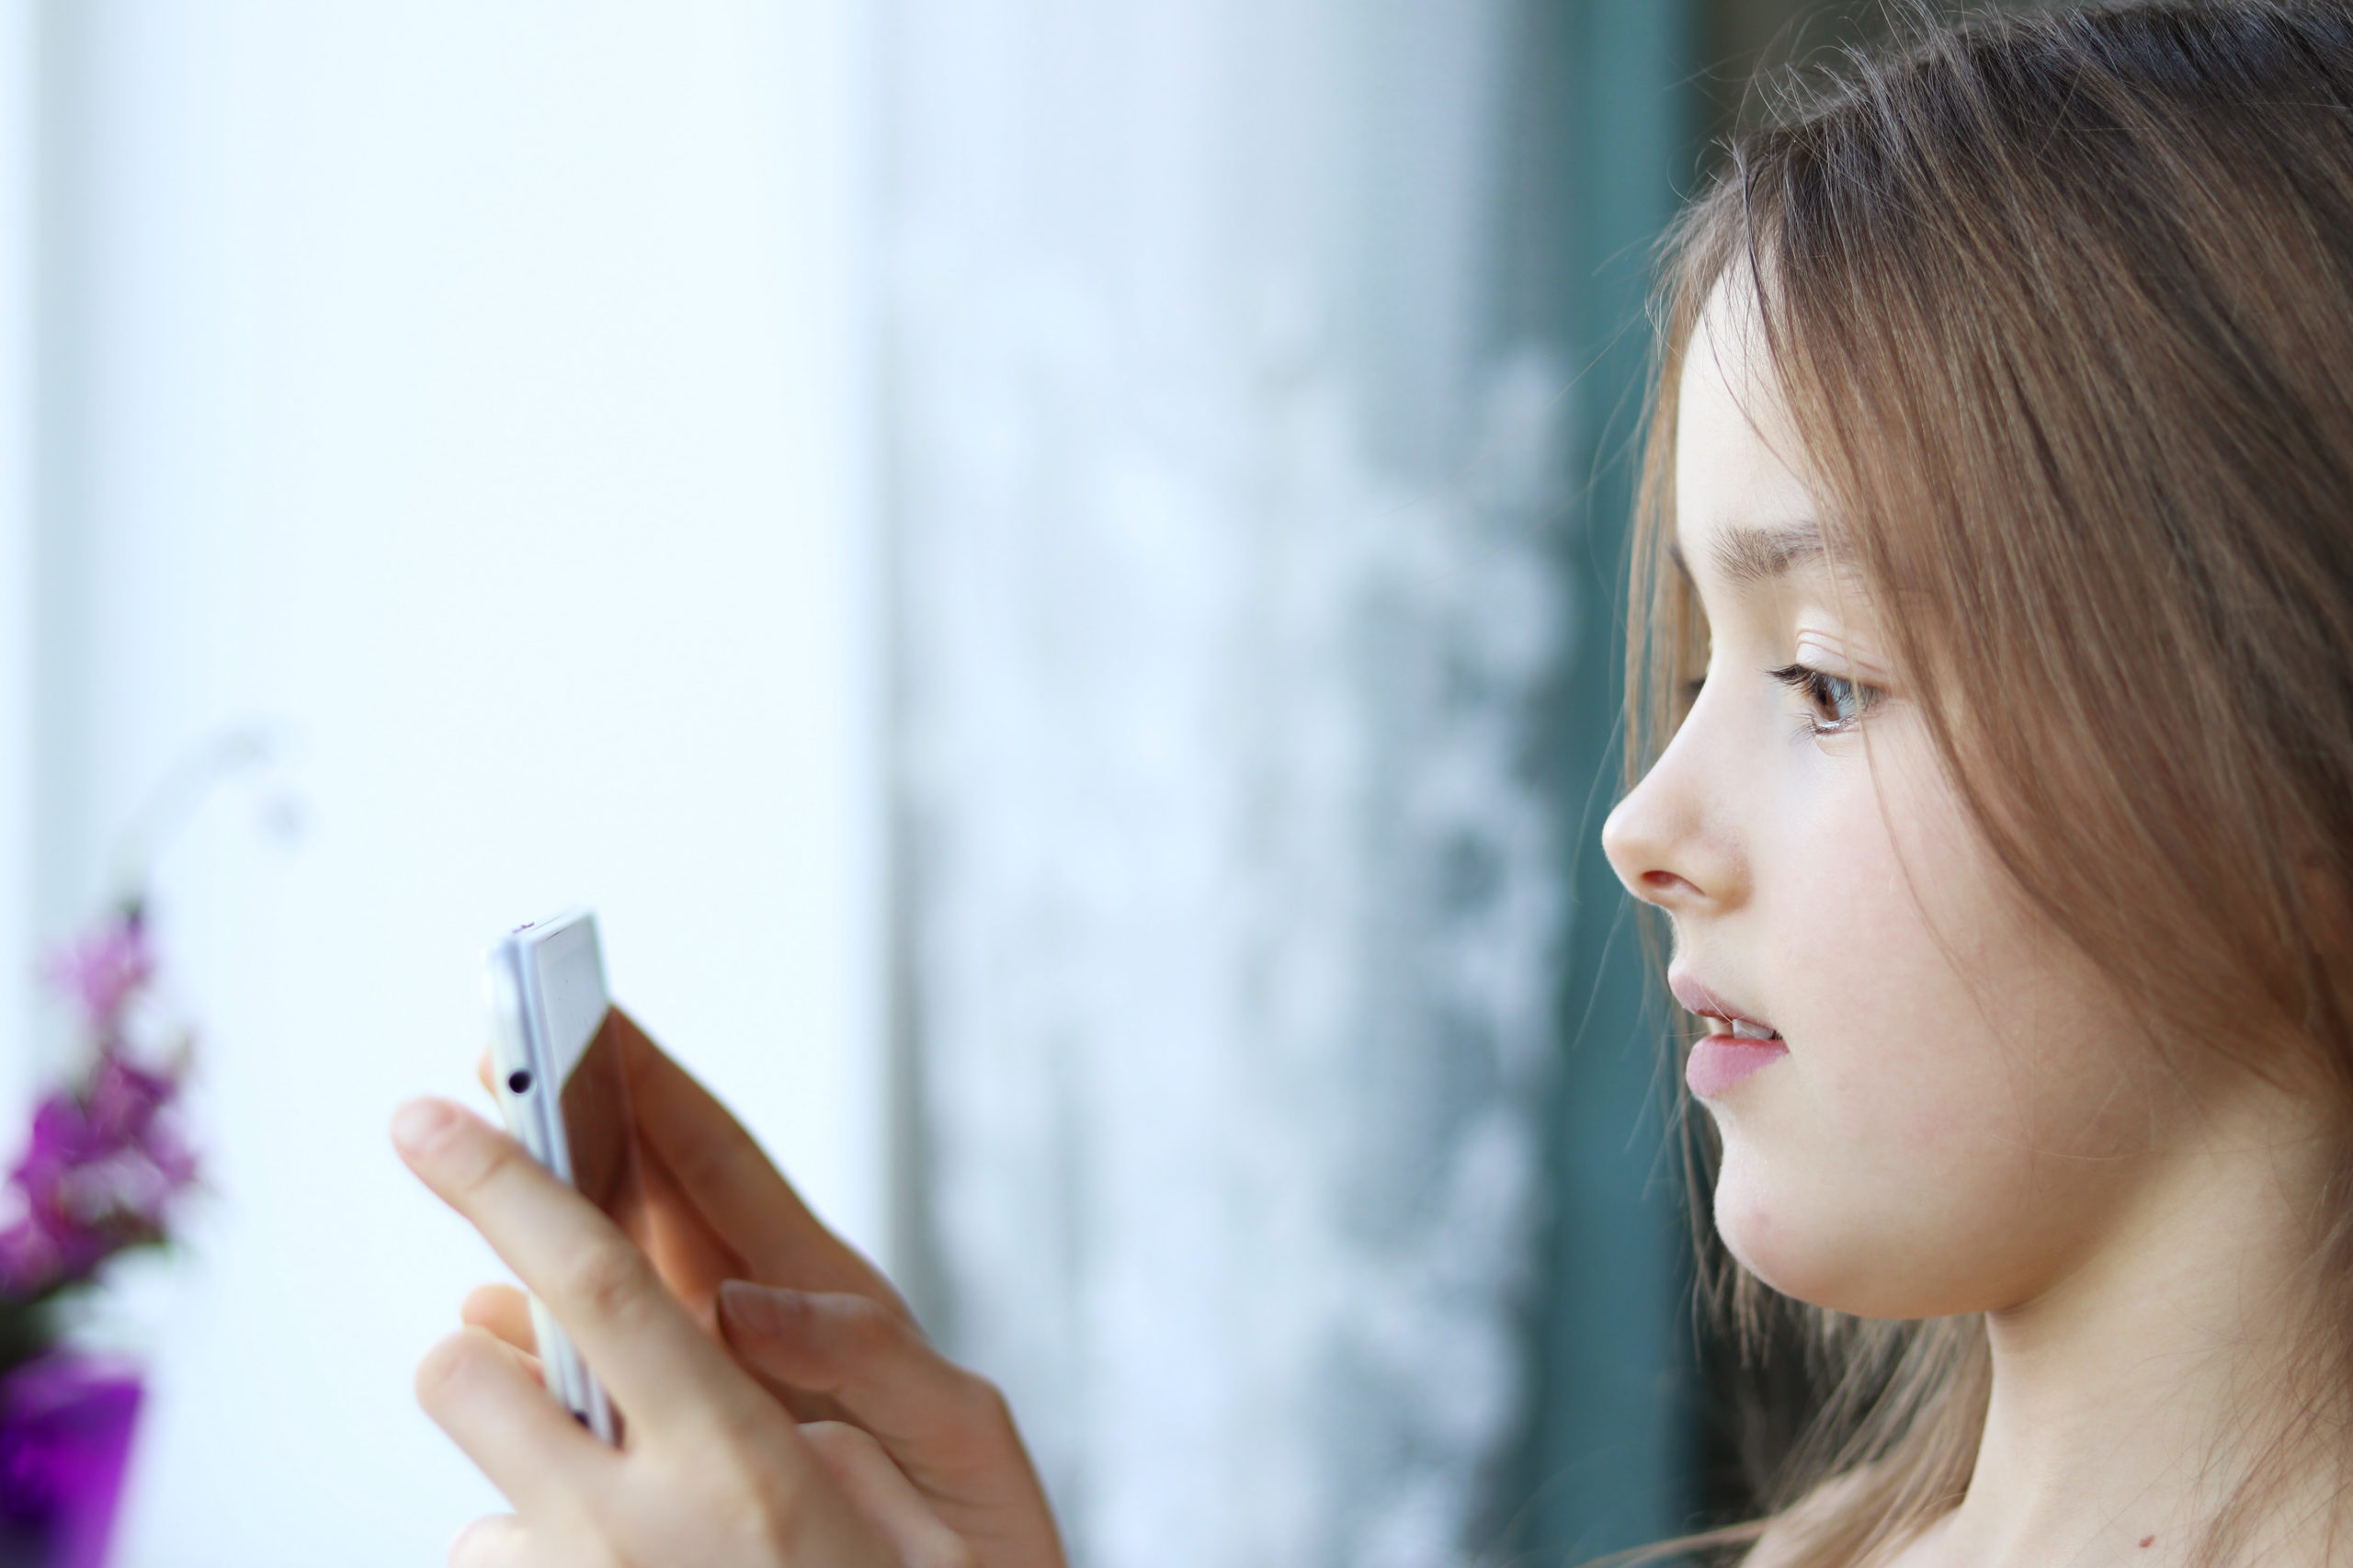 Детская зависимость от телефона